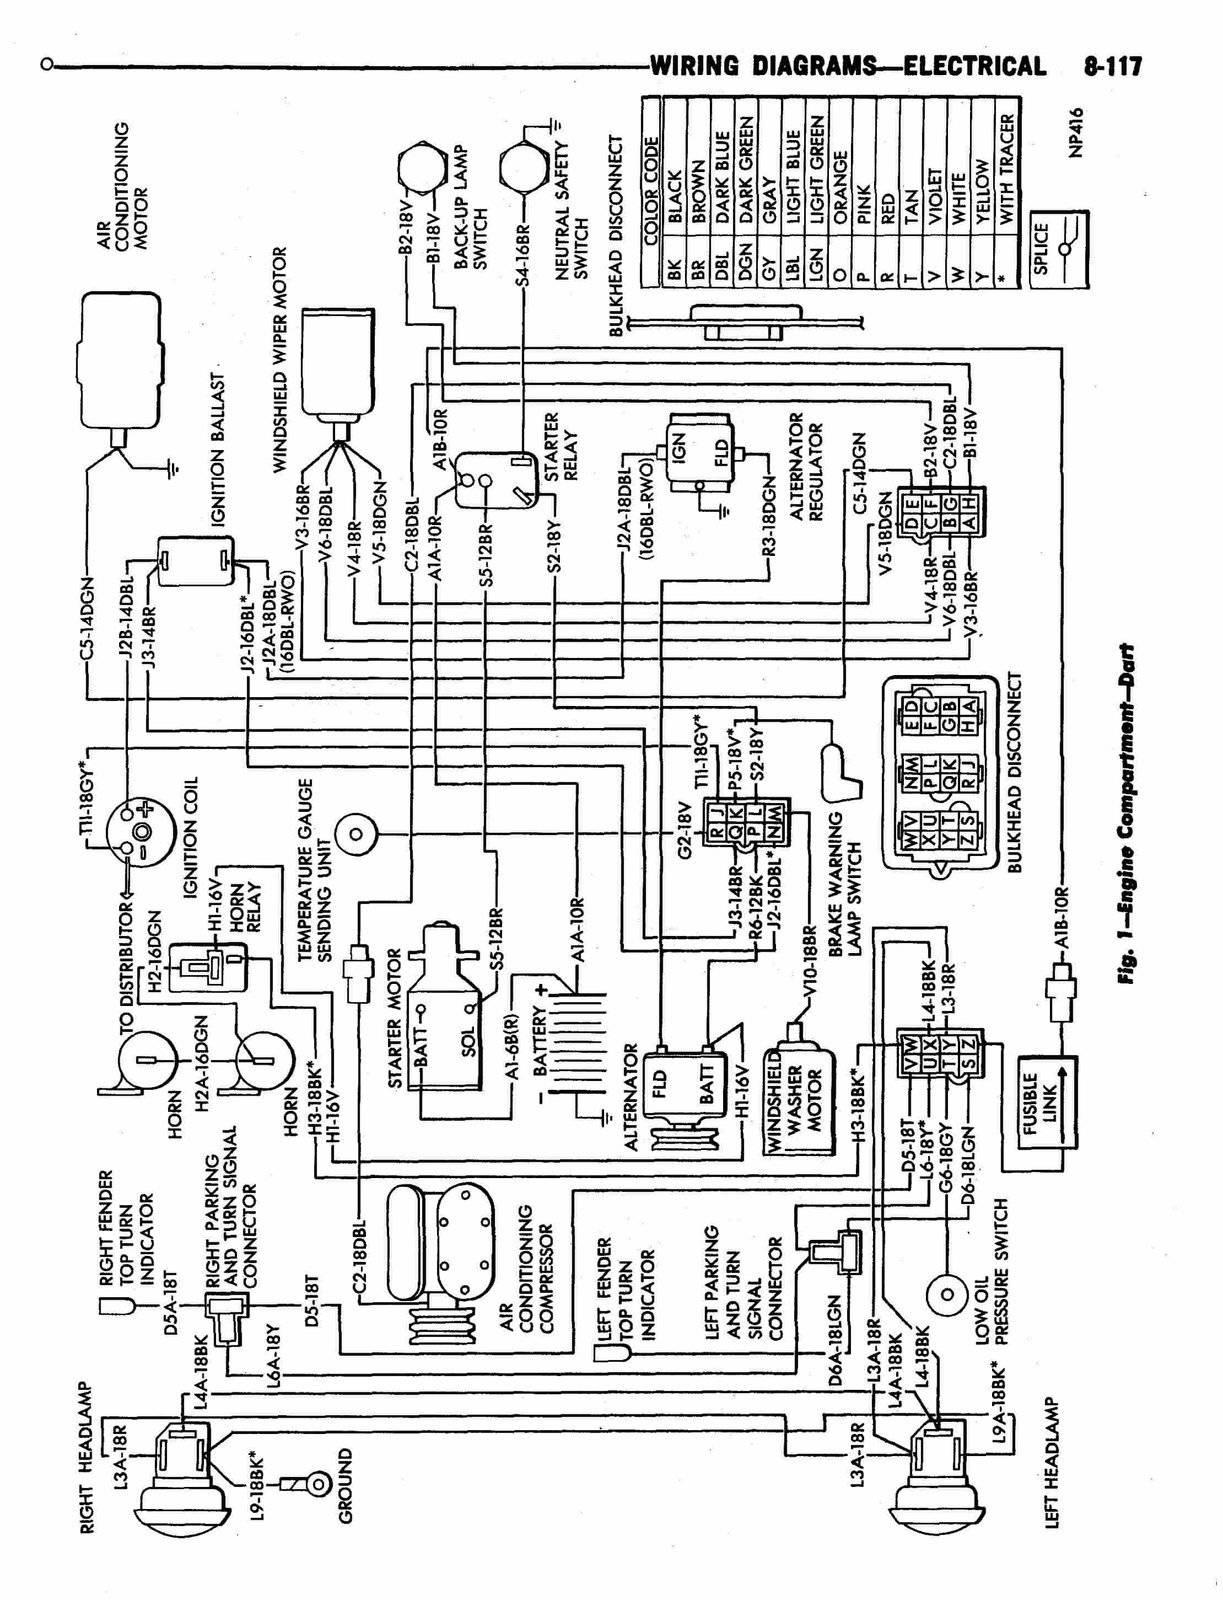 [DIAGRAM] 1971 Dodge Dart Wiring Diagram FULL Version HD